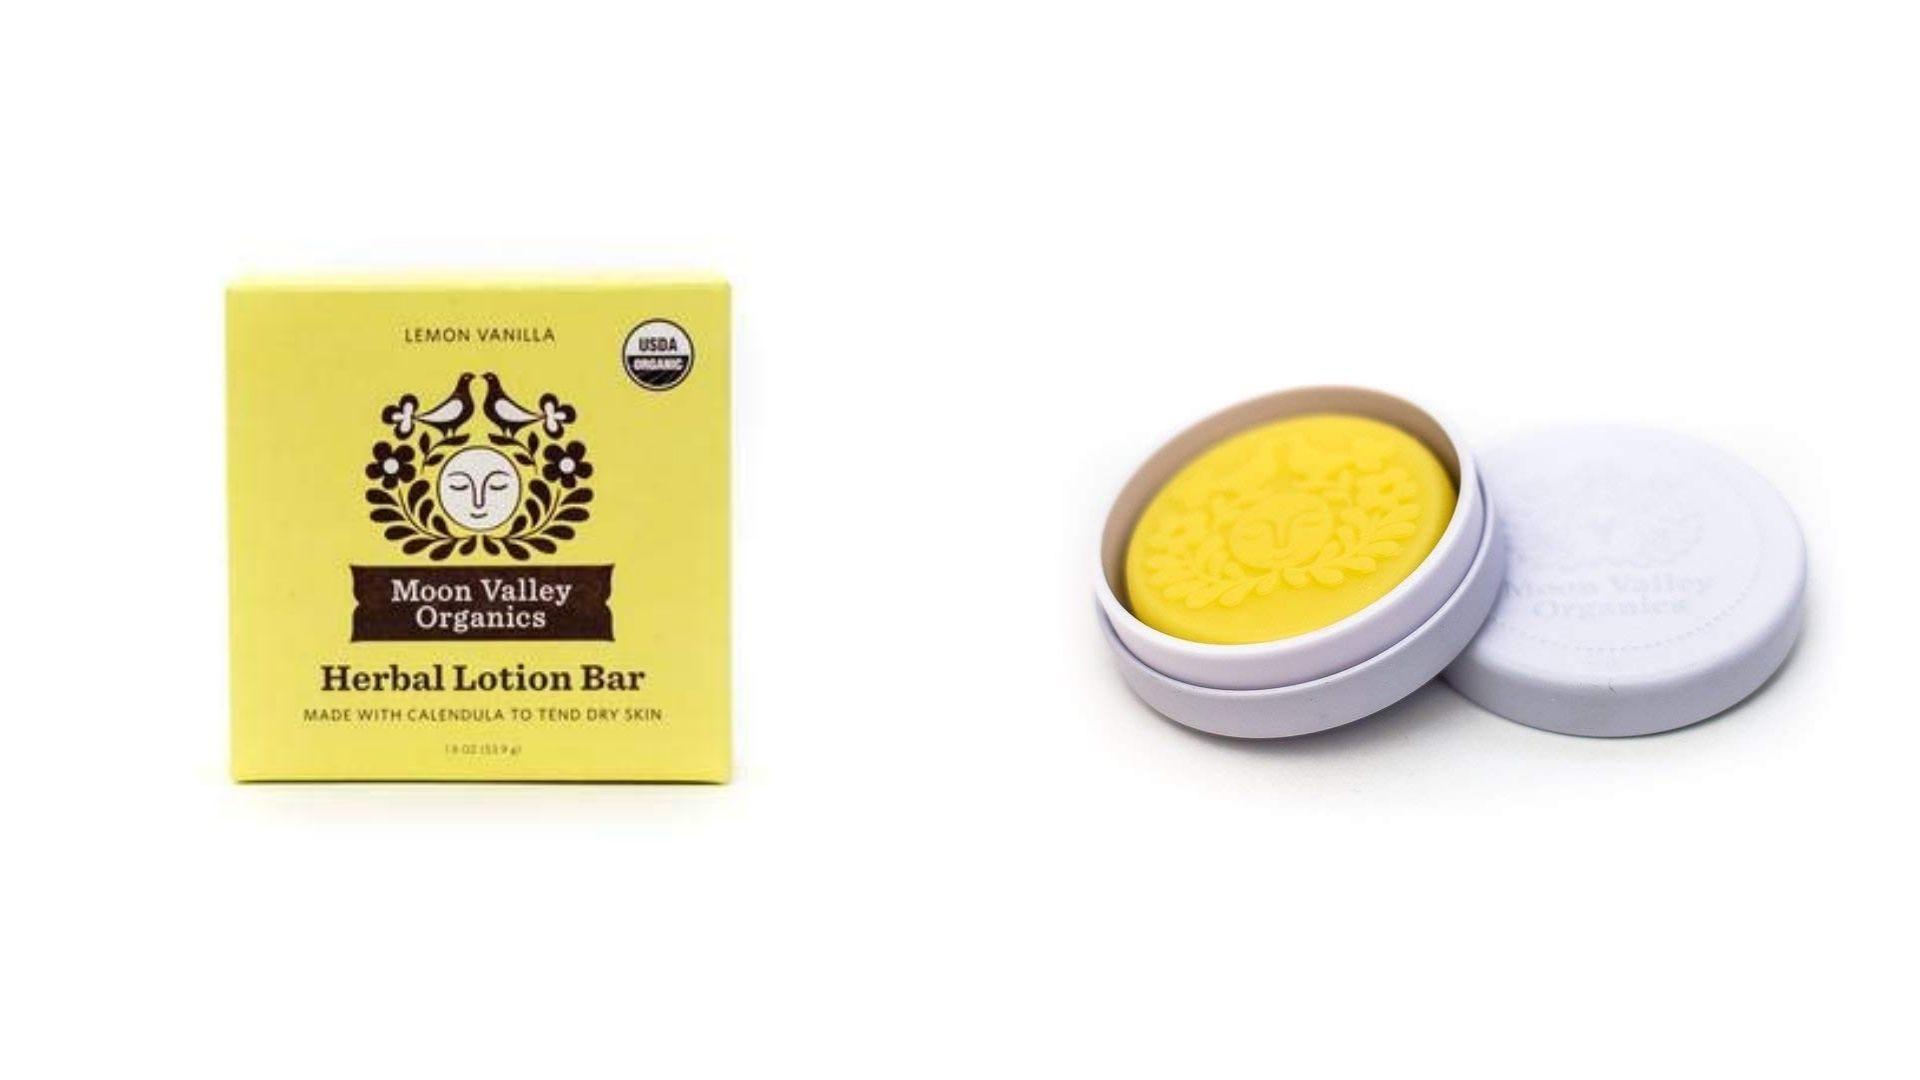 O cutie galbenă și un recipient rotund cu o loțiune solidă pentru mâini în interior